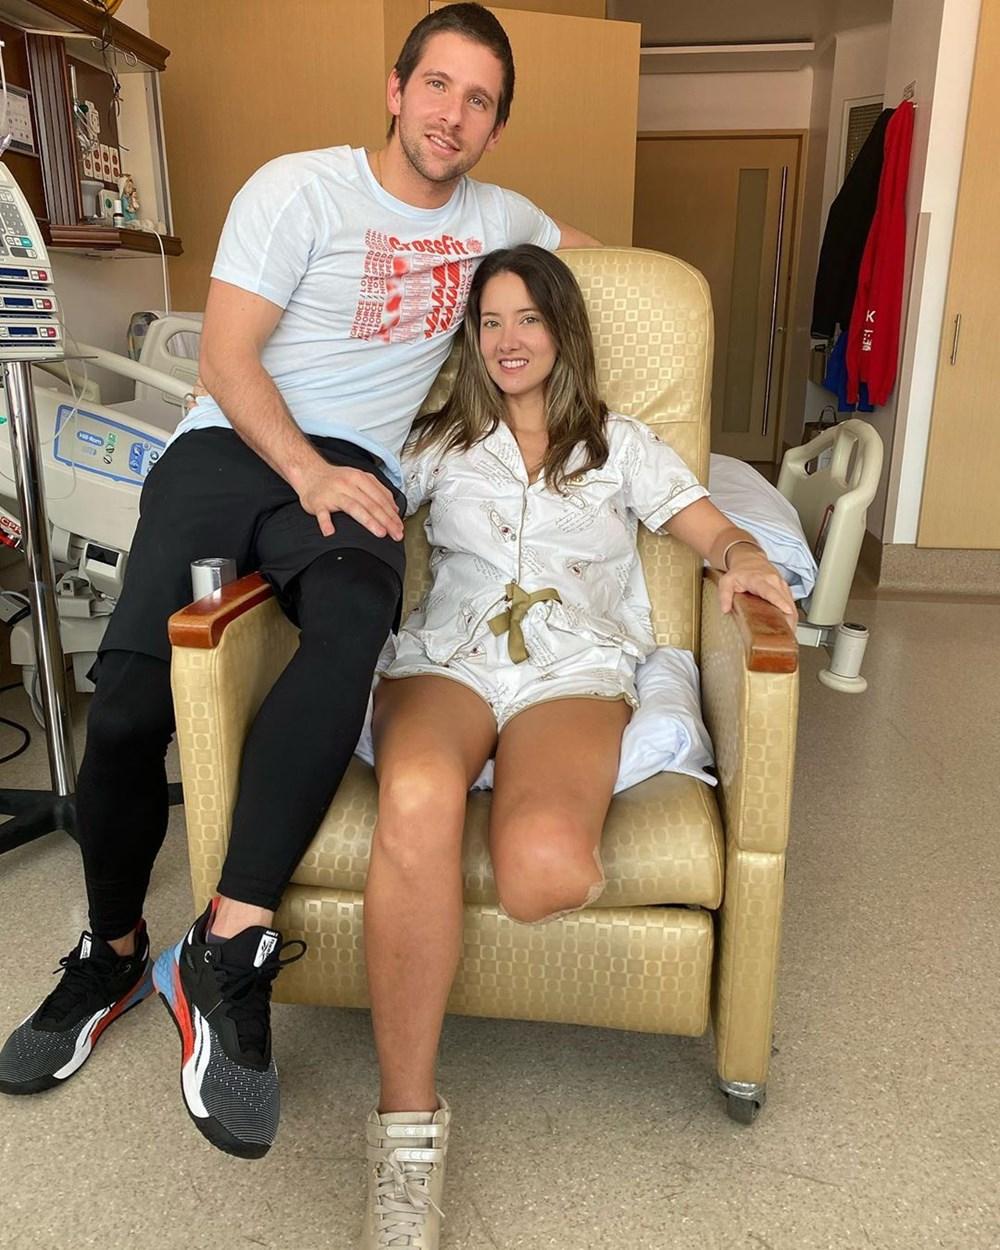 Eski Kolombiya Güzeli  Daniella Alvarez'in bacağı kesildi - 2